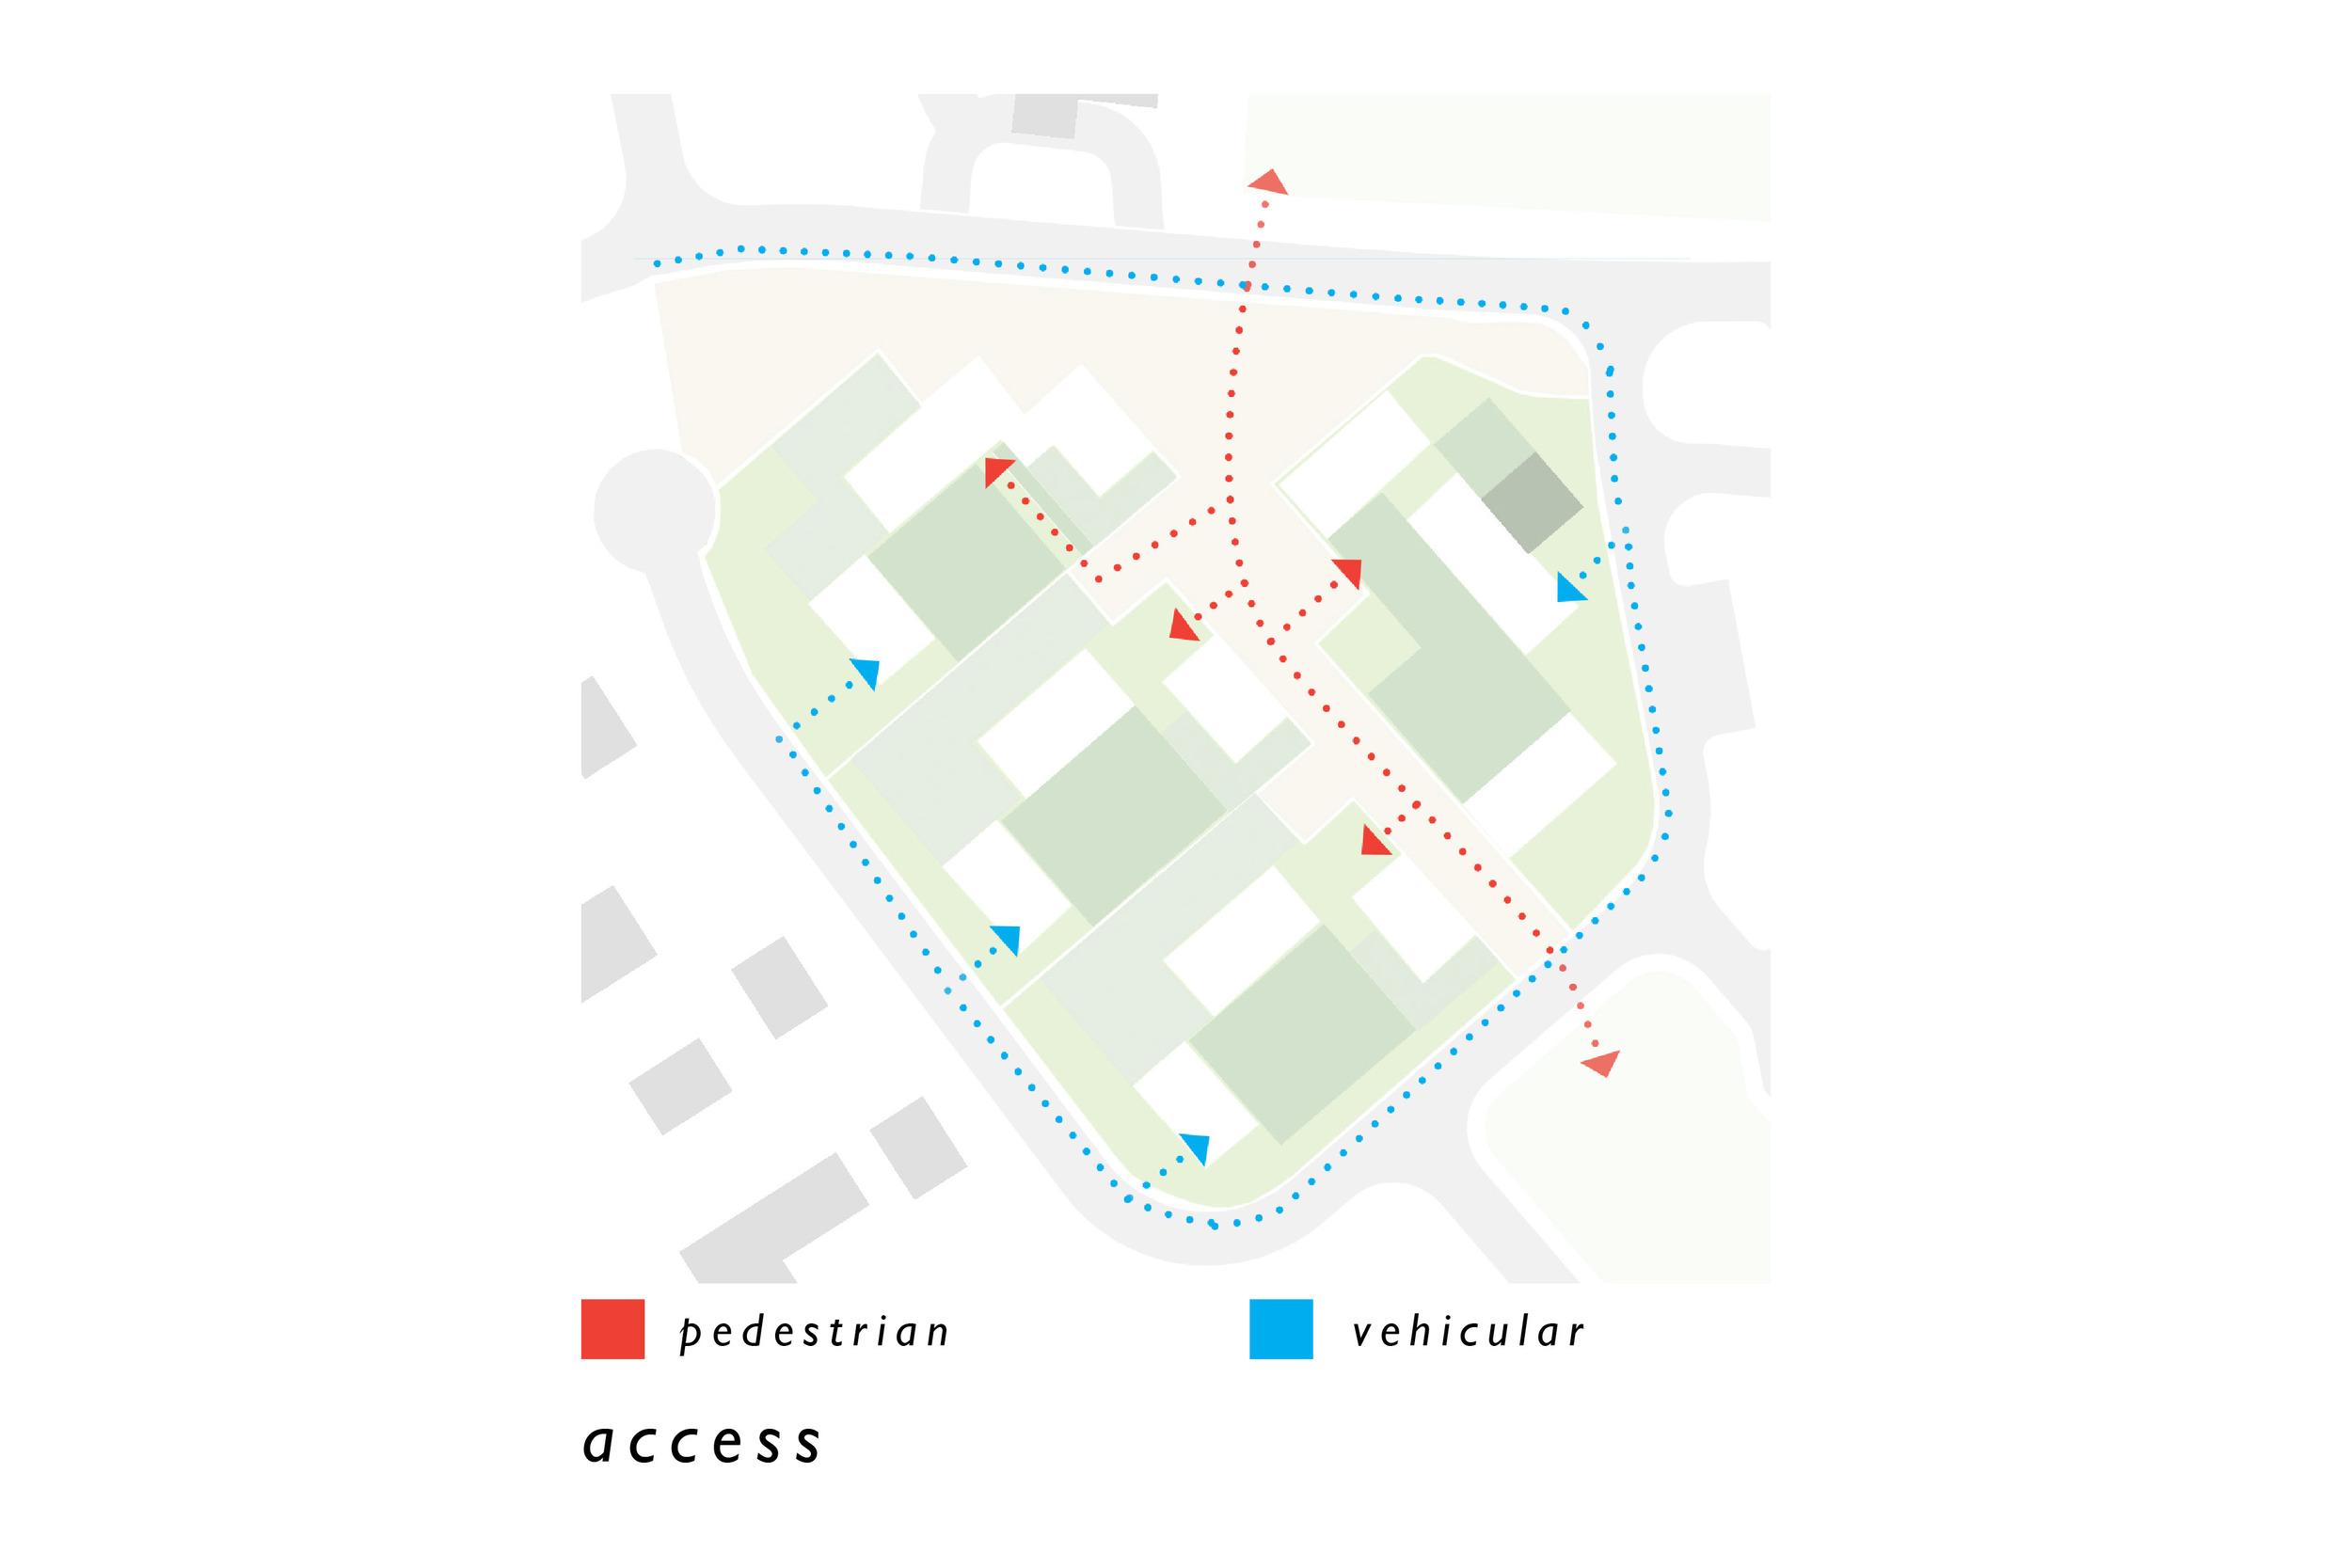 concept diagrams5.jpg